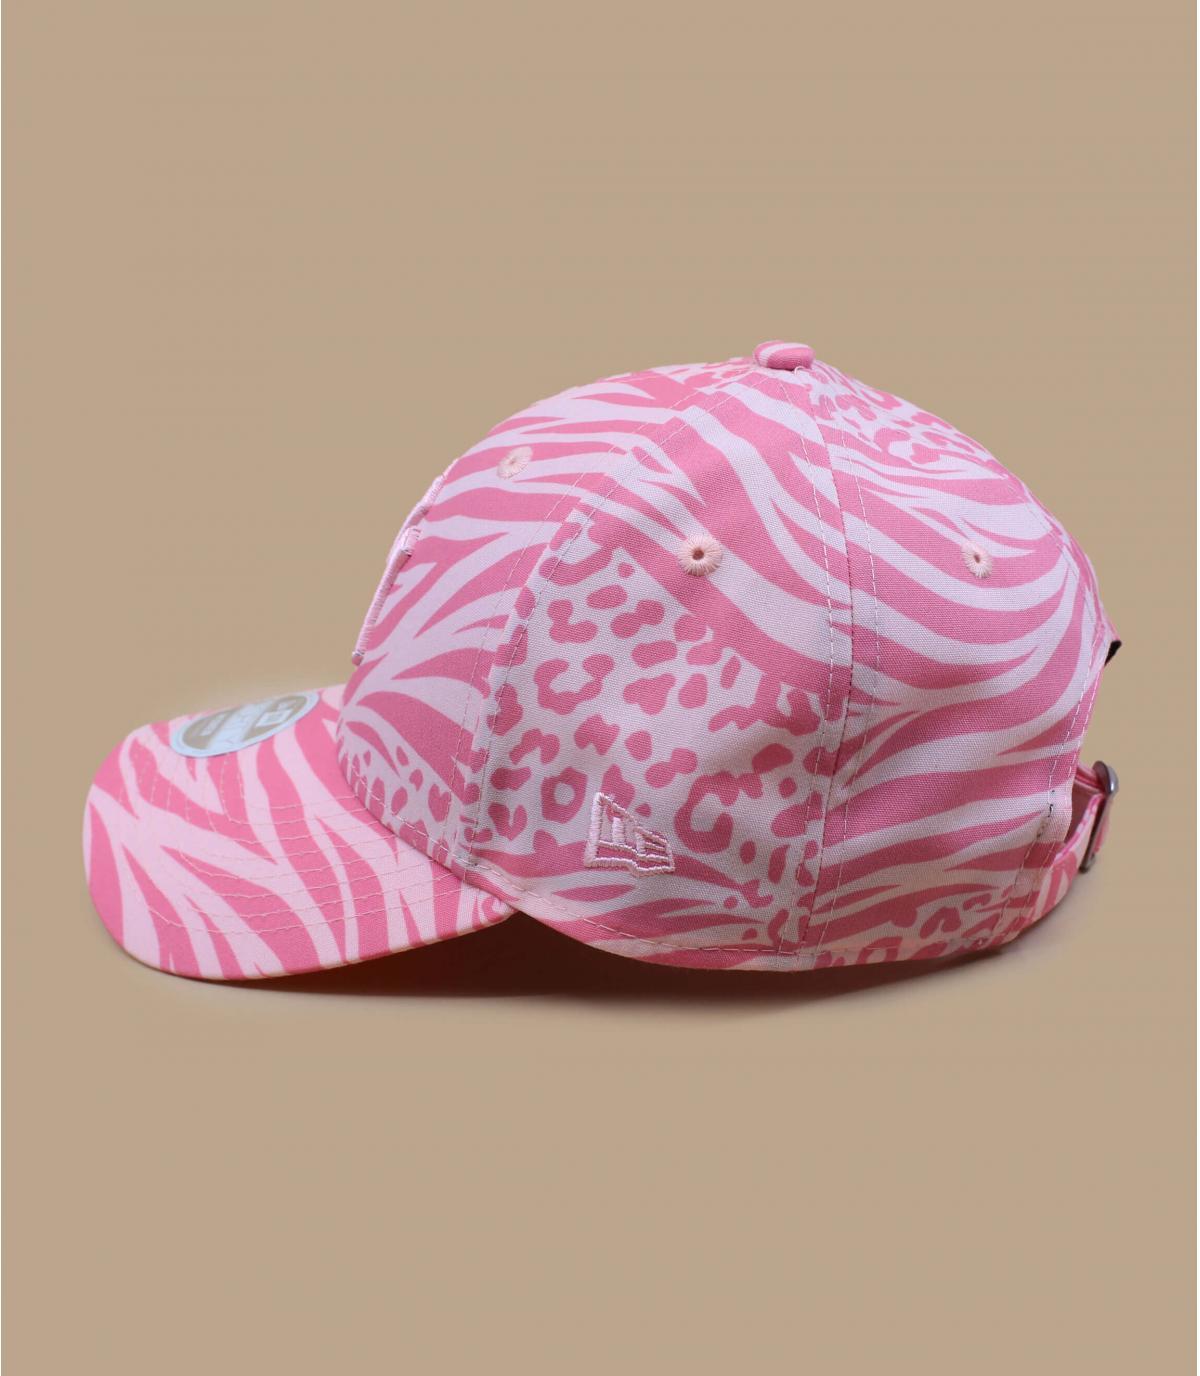 Détails Casquette Wmns Fashion NY pink - image 3